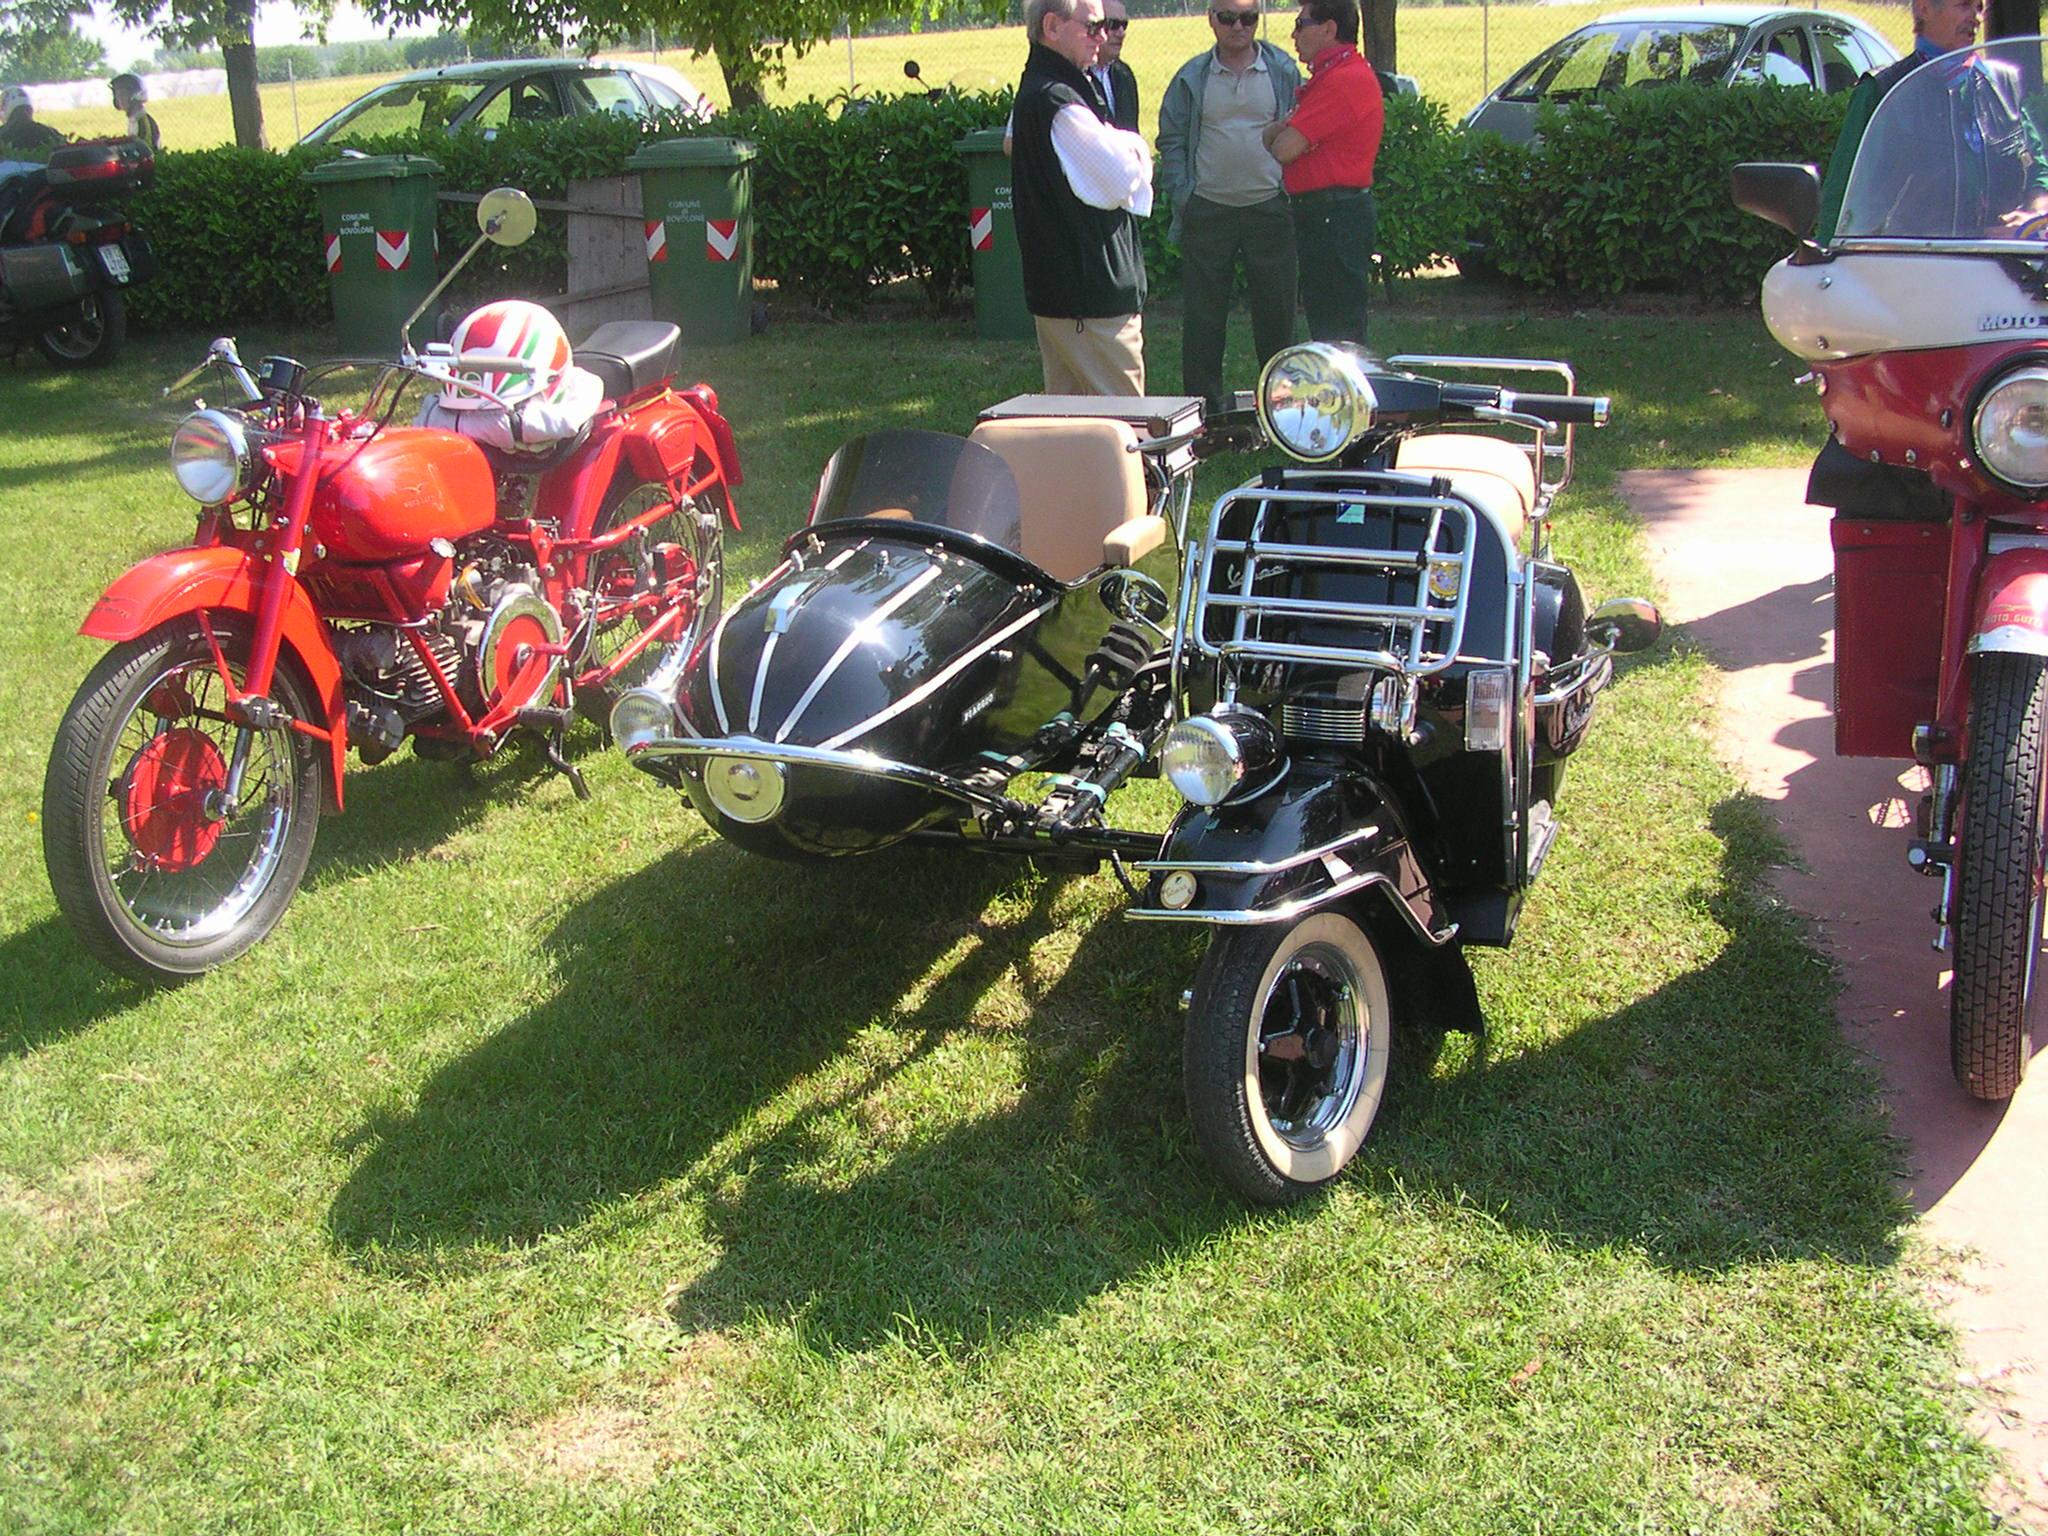 Scooter With A Sidecar Le dimensioni di visualizzazione sono limitate automaticamente, premi ...